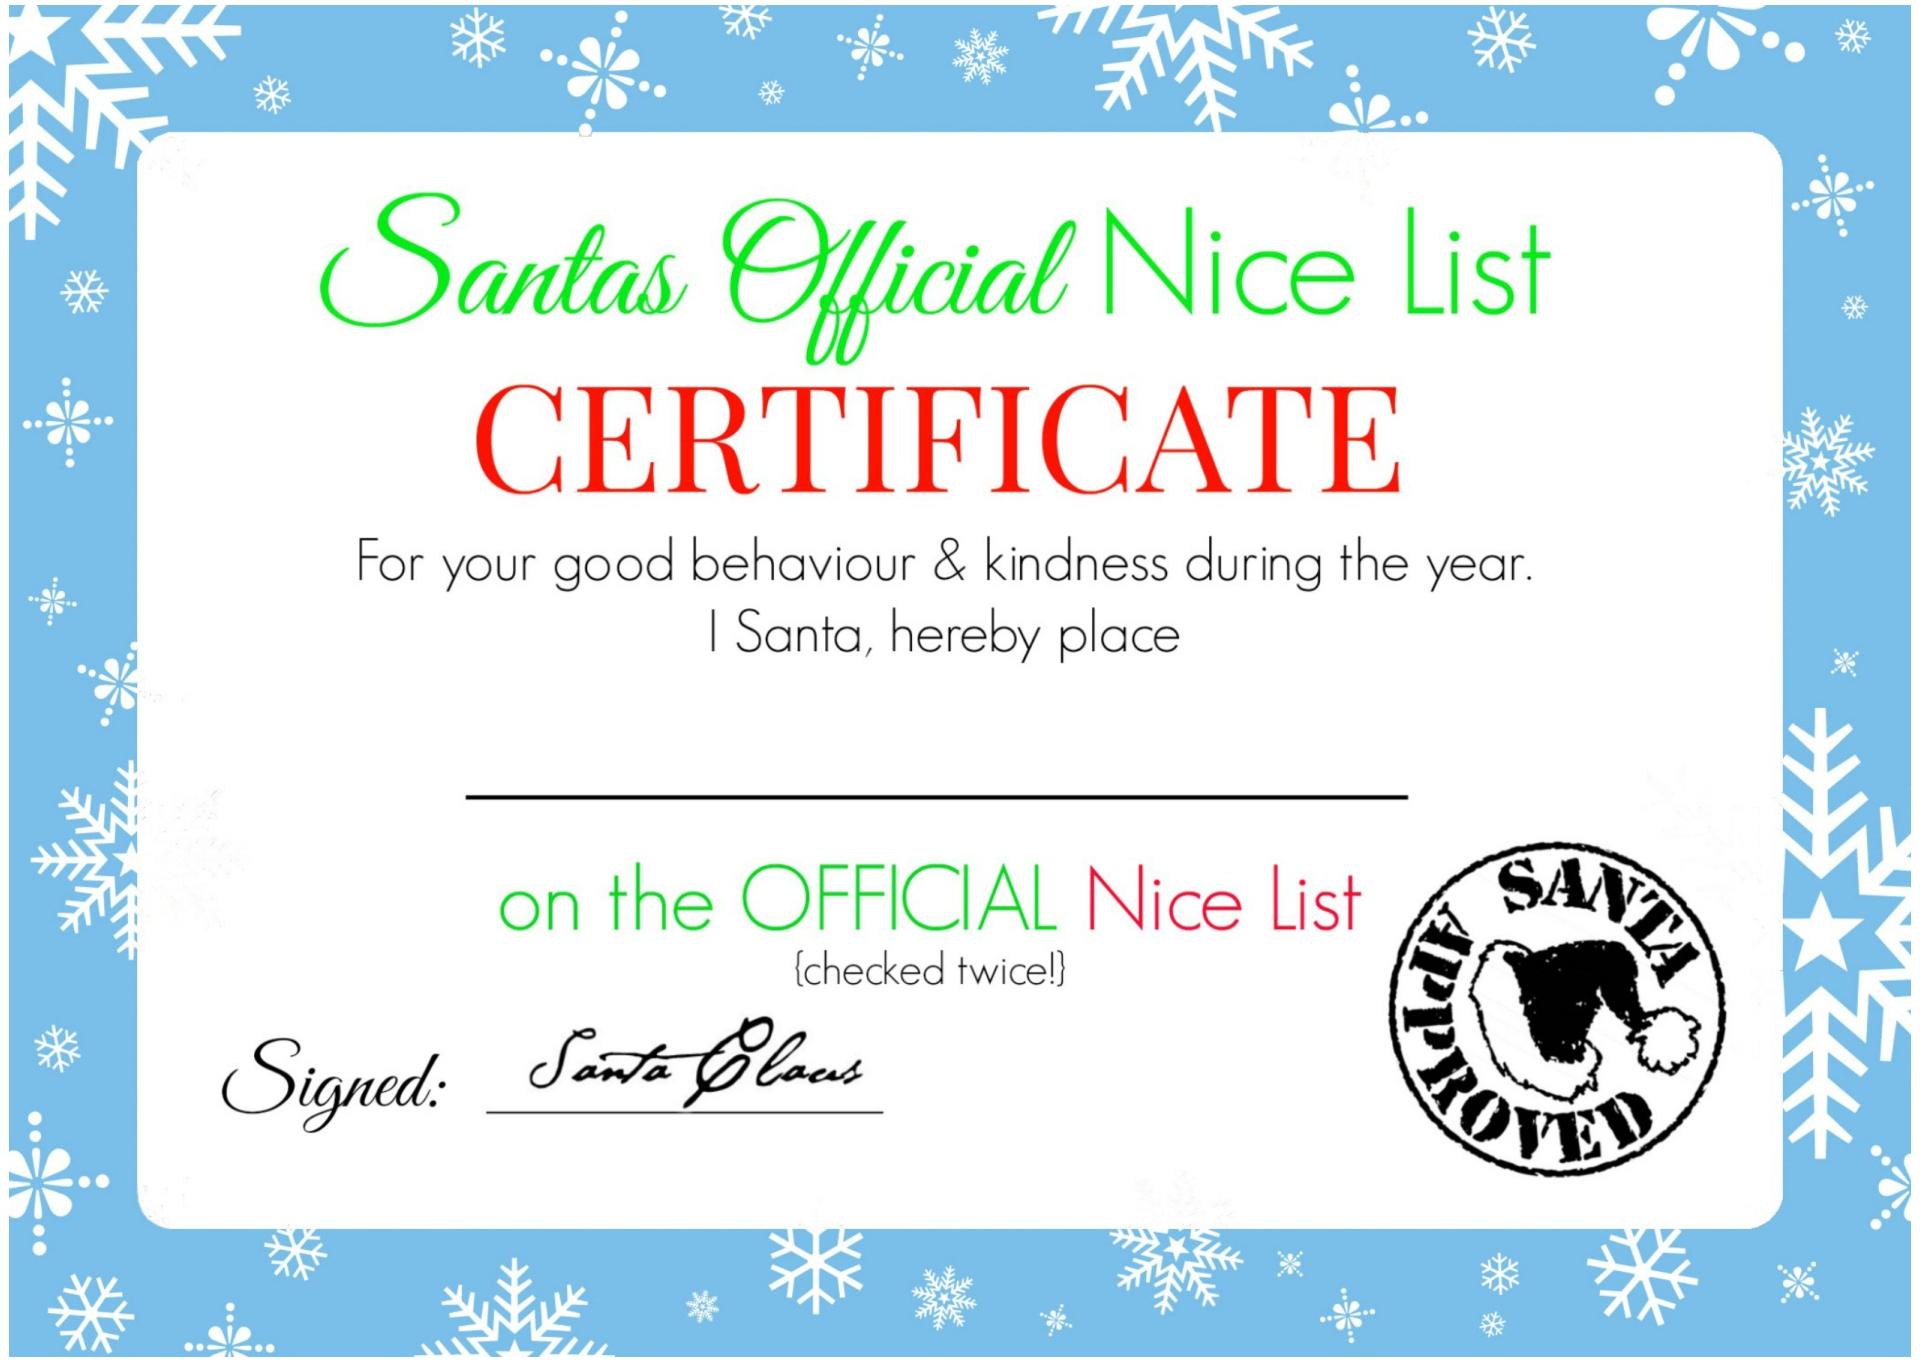 Blank Nice List Certificate Printable